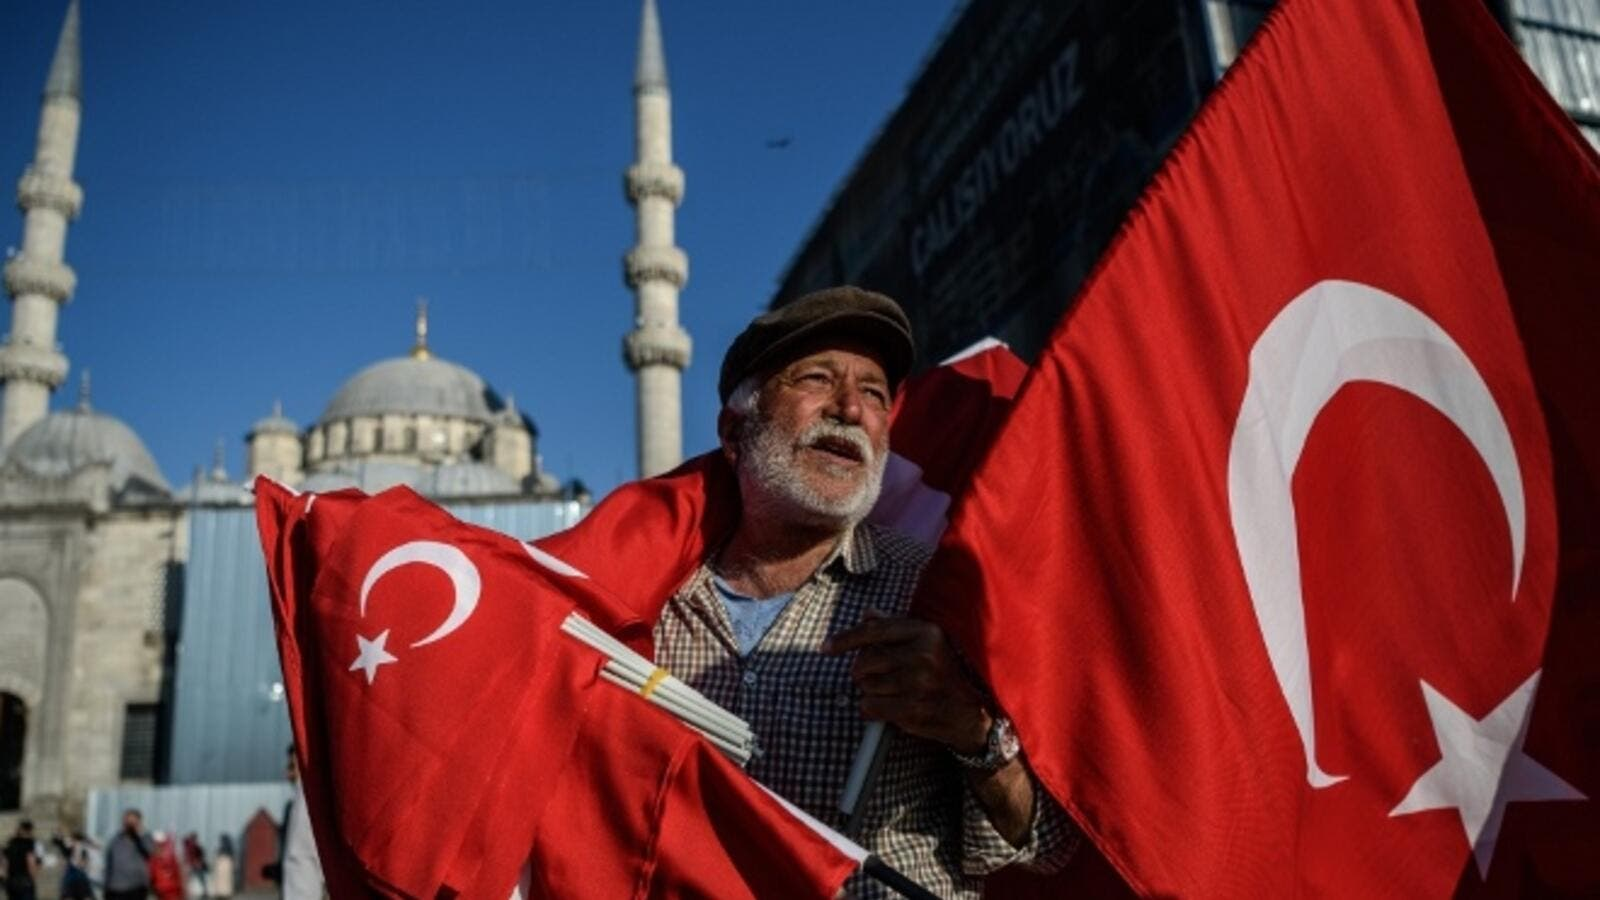 Turkey Raises Minimum Wage by 14 5 Percent in 2018 | Al Bawaba